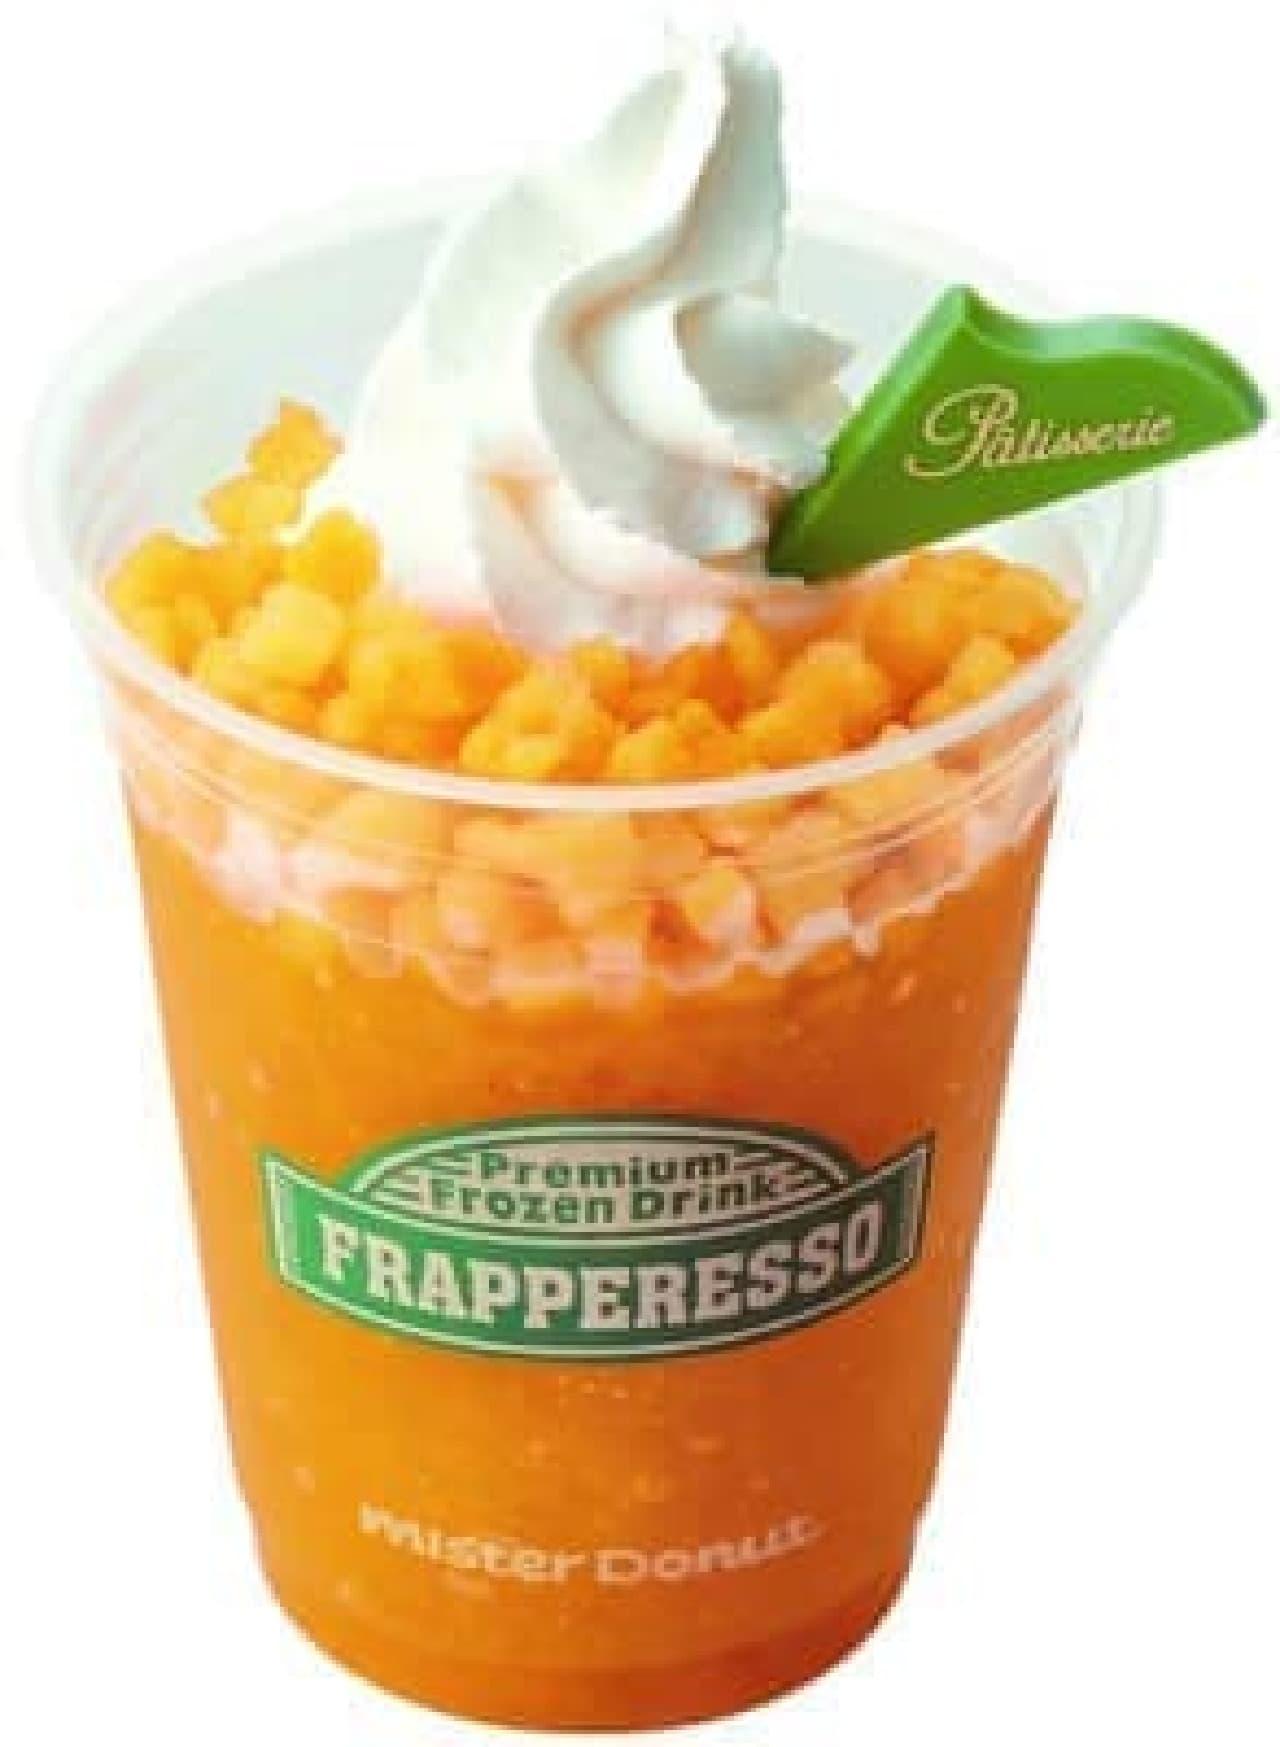 冷凍マンゴー果肉入り「ダブルマンゴー フラペレッソ」